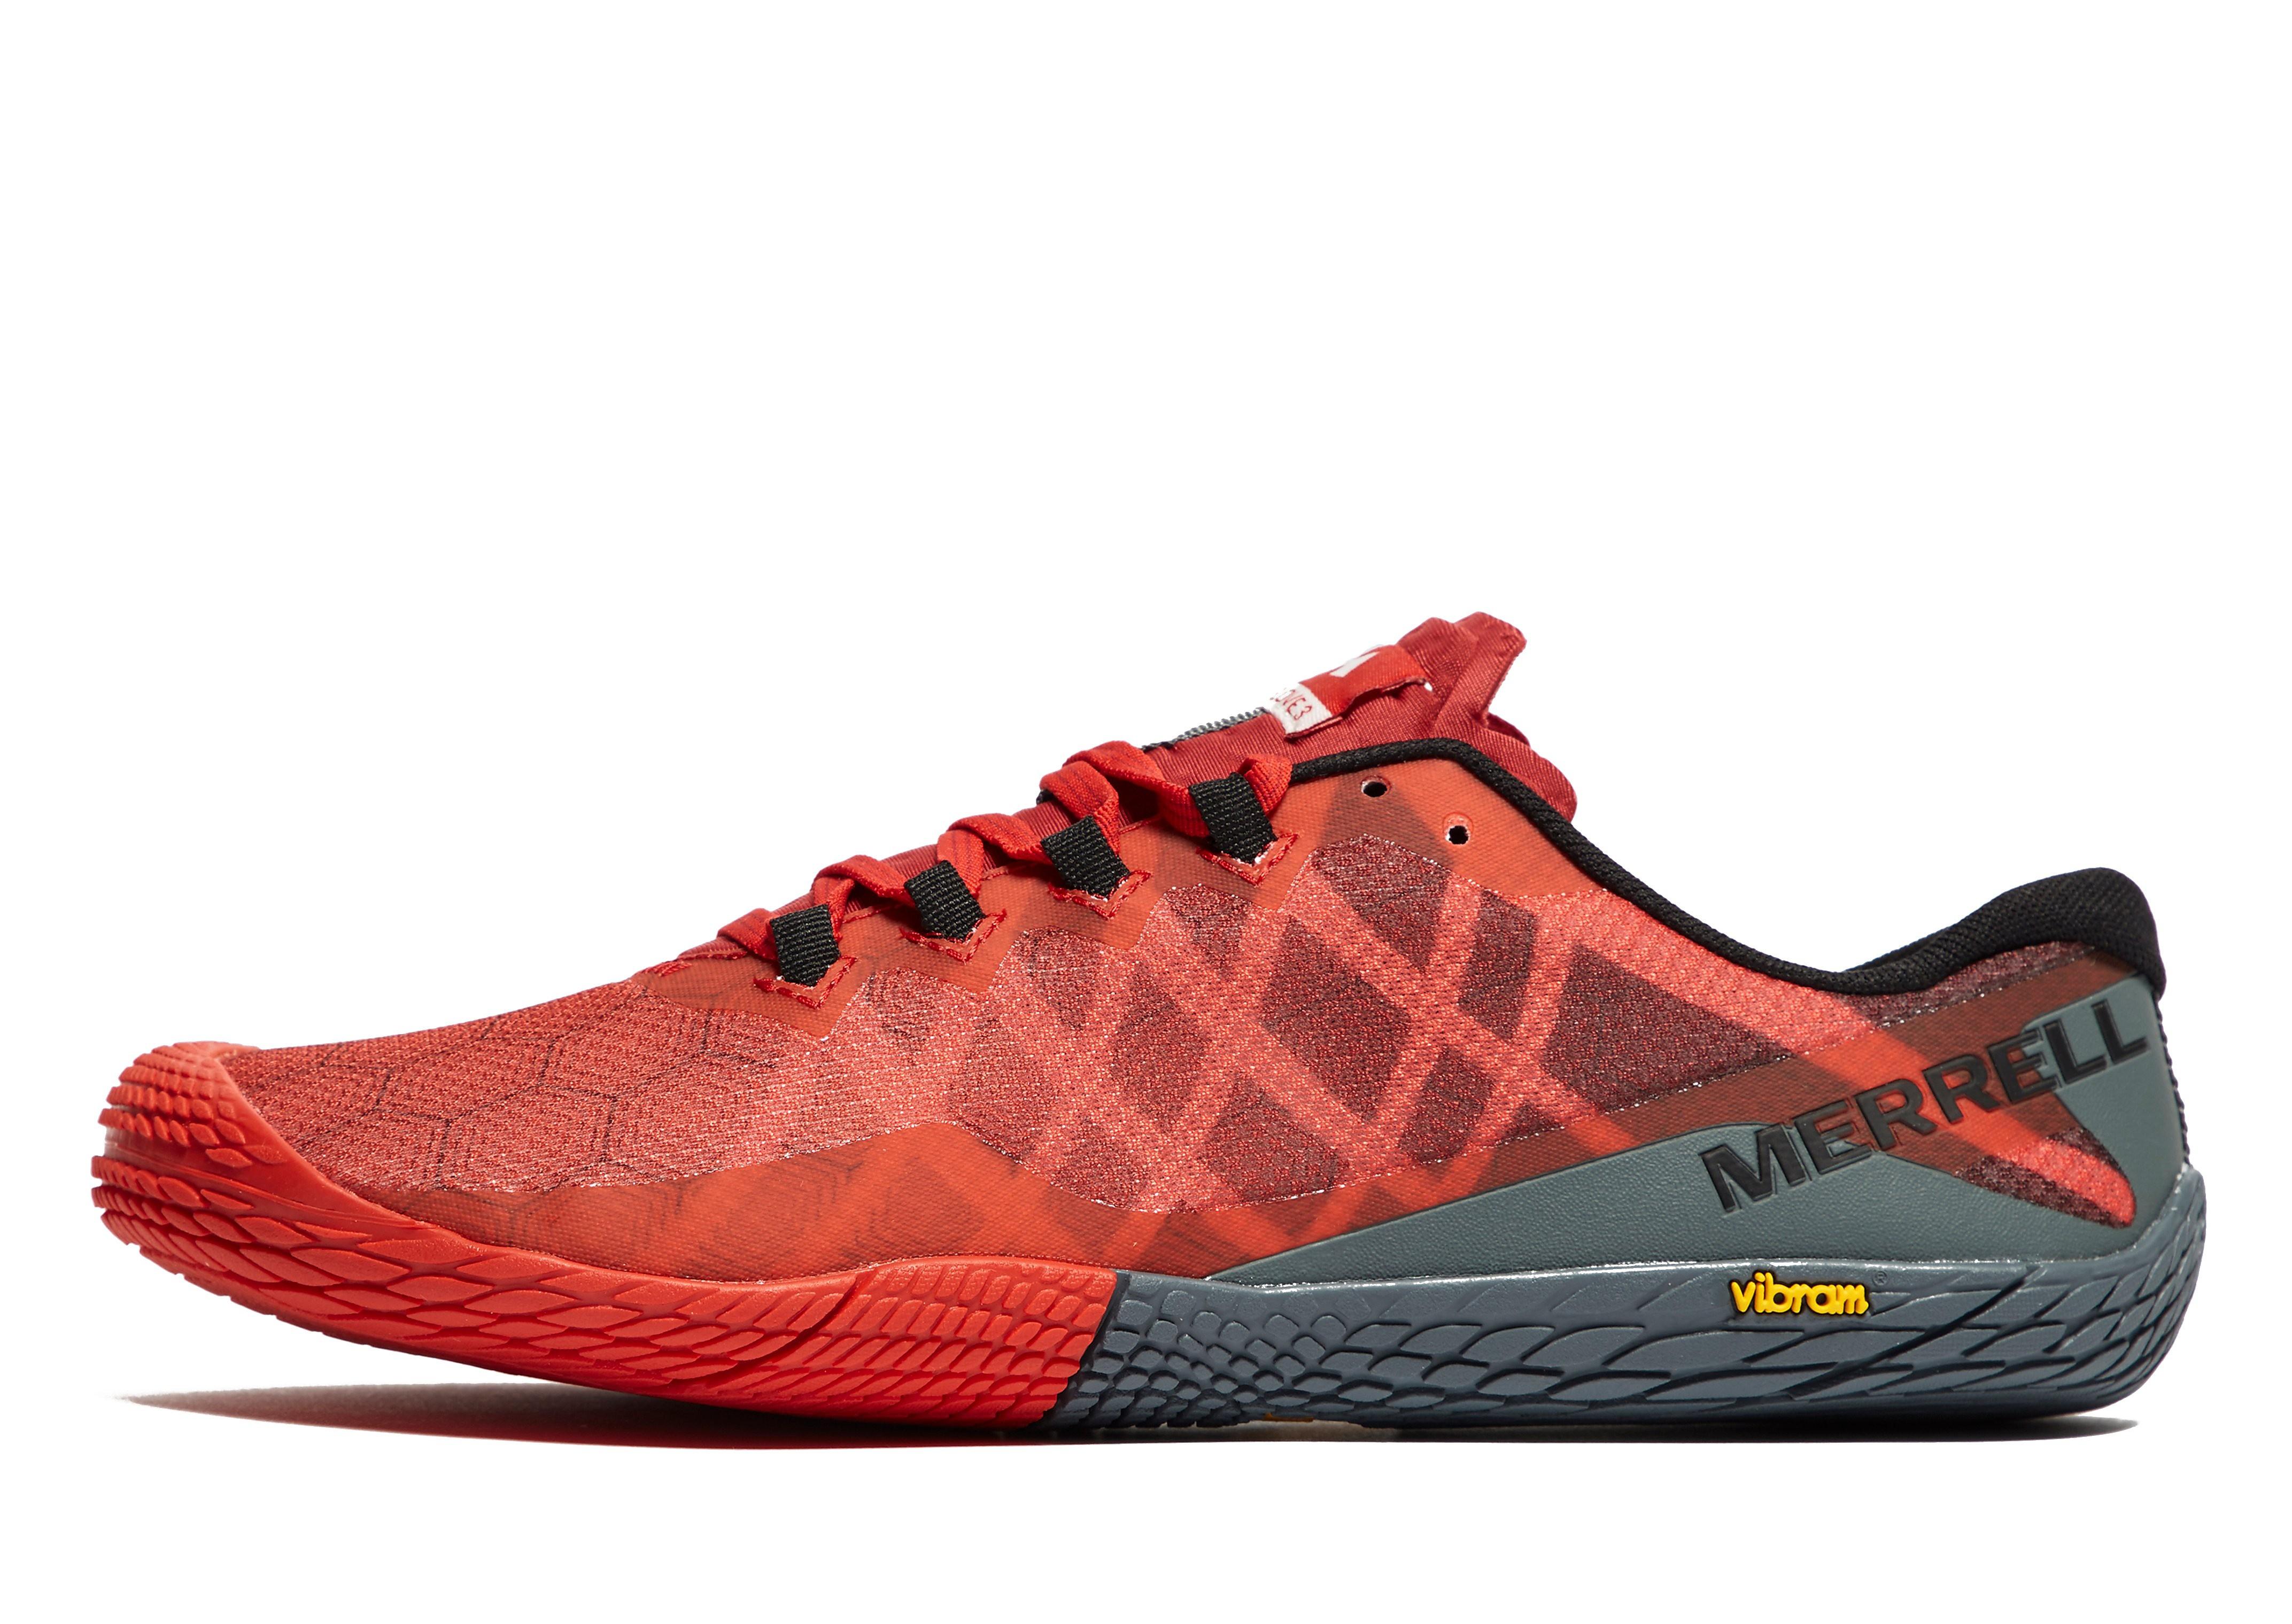 Merrell Vapour Glove 3 Running Shoe Women's